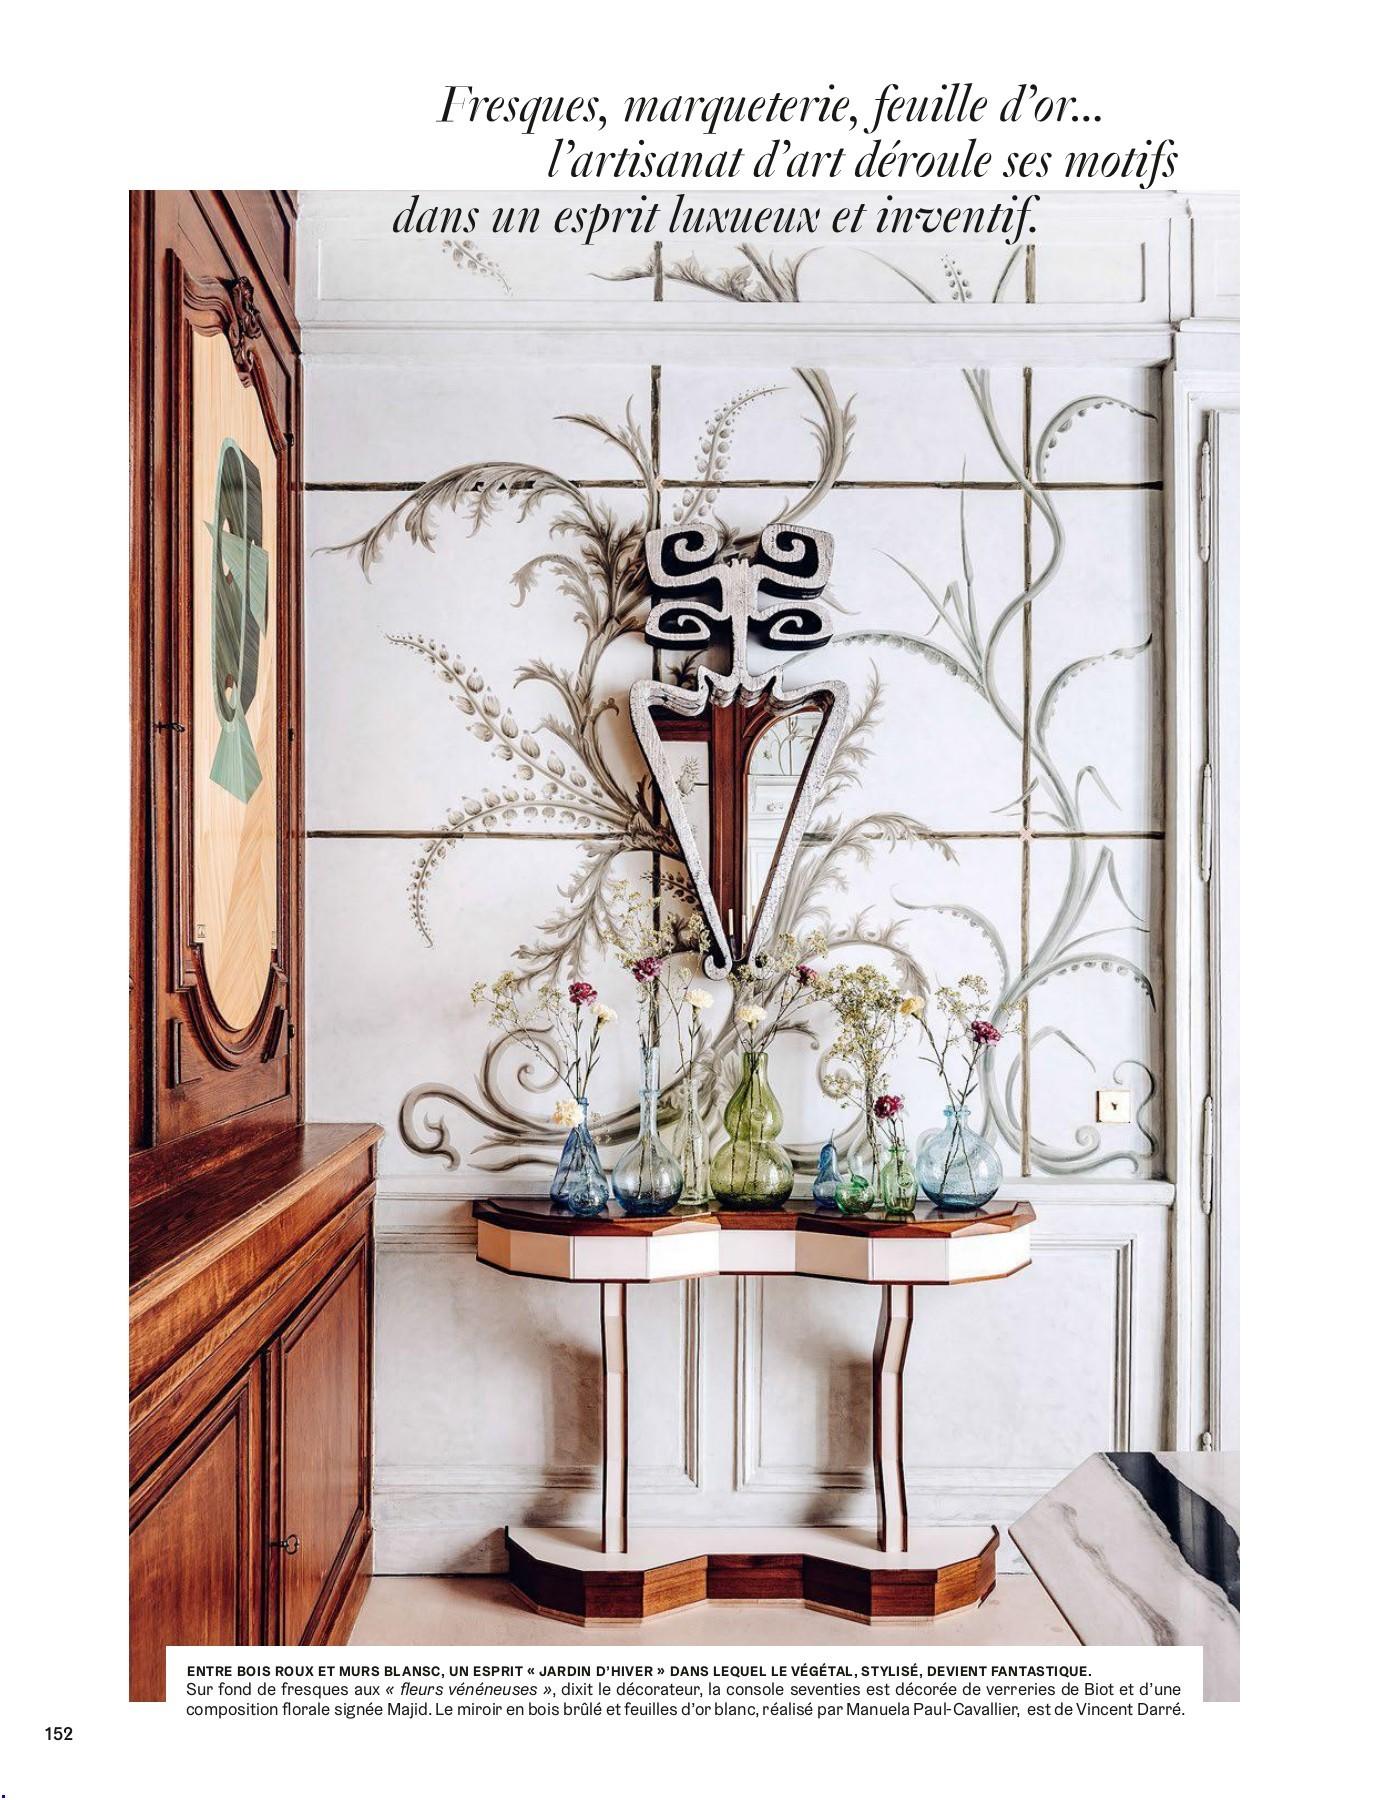 Salon De Jardin Truffaut Charmant Architectural Digest France Dec 2017 Pages 151 188 Text